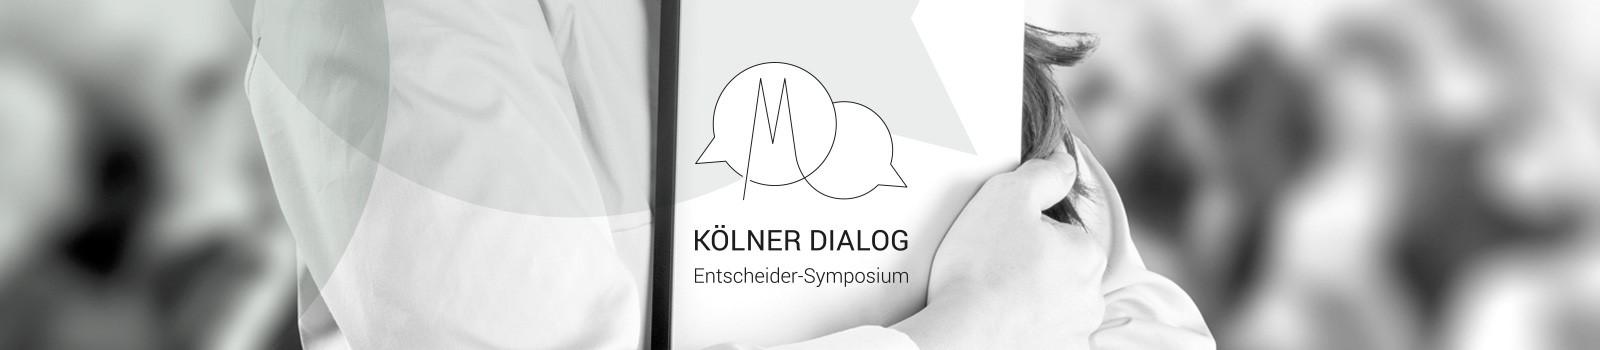 Kölner Dialog